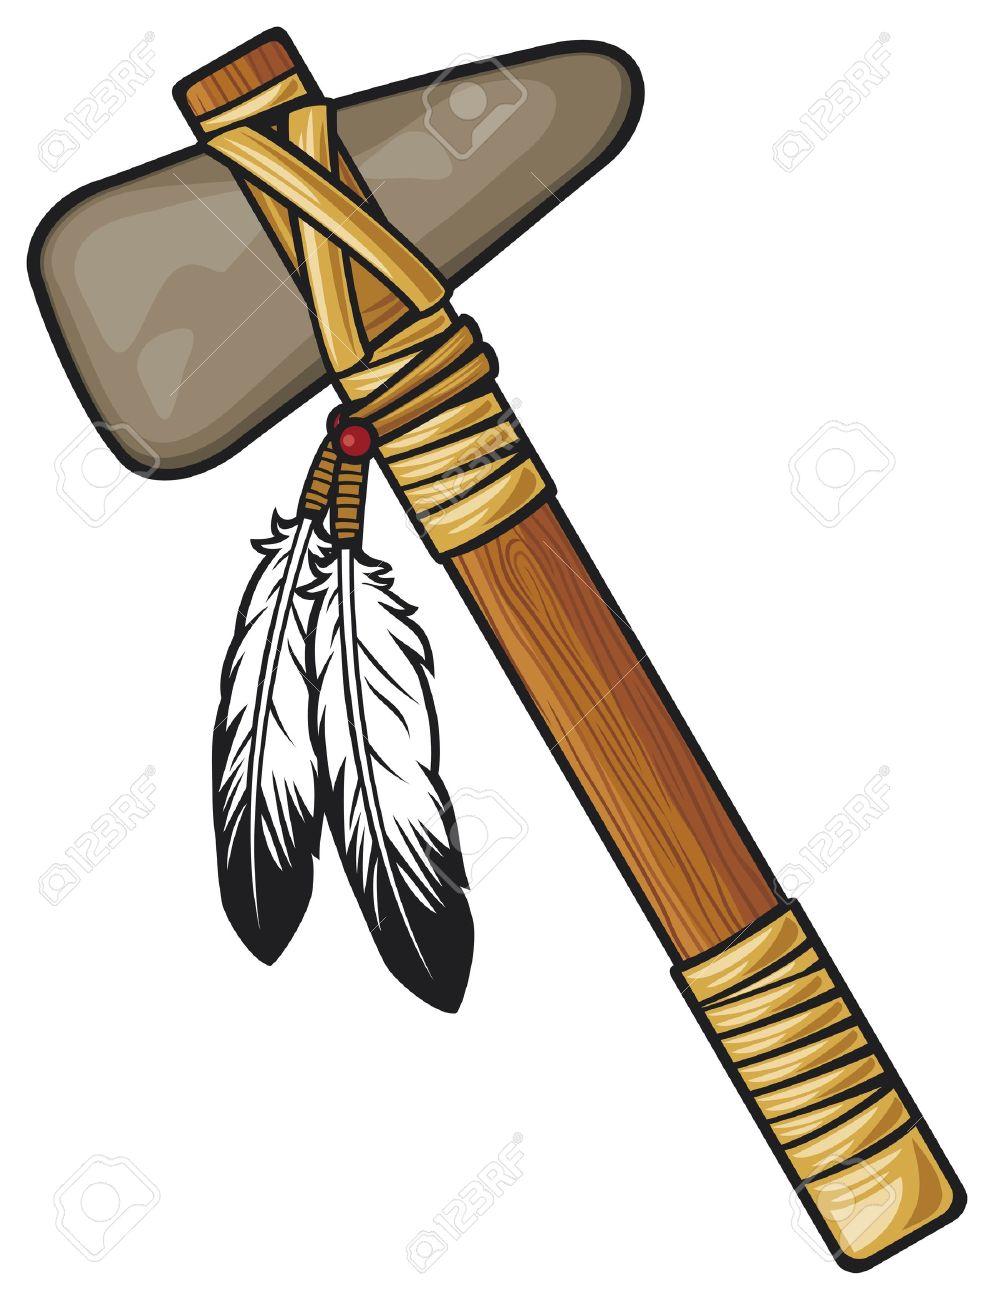 Axe tomahawk pencil and. Ax clipart vector